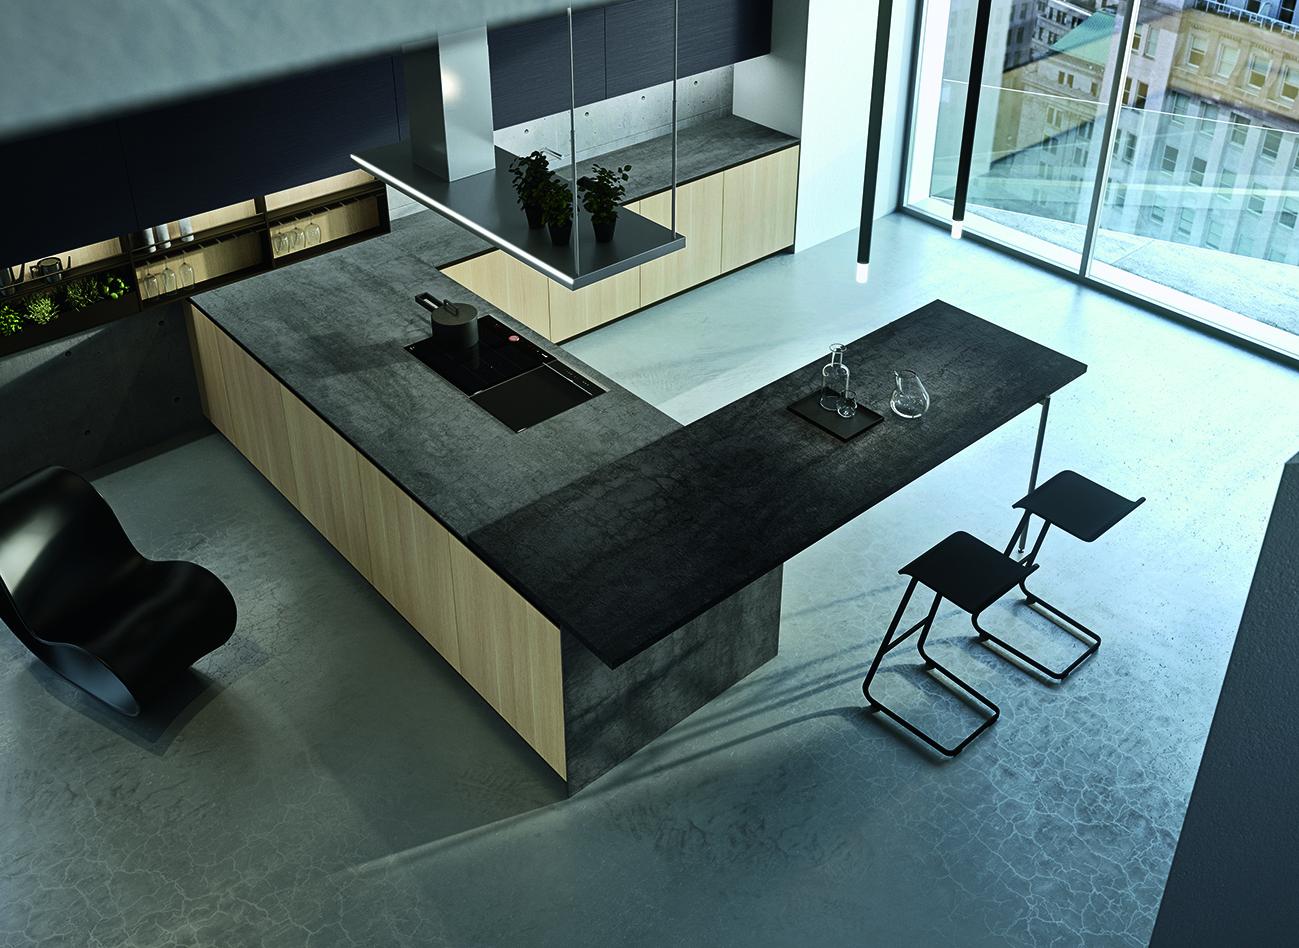 Muebles De Cocina En Madrid Cocinas Modernas Y Cl Sicas # Muebles Pozuelo